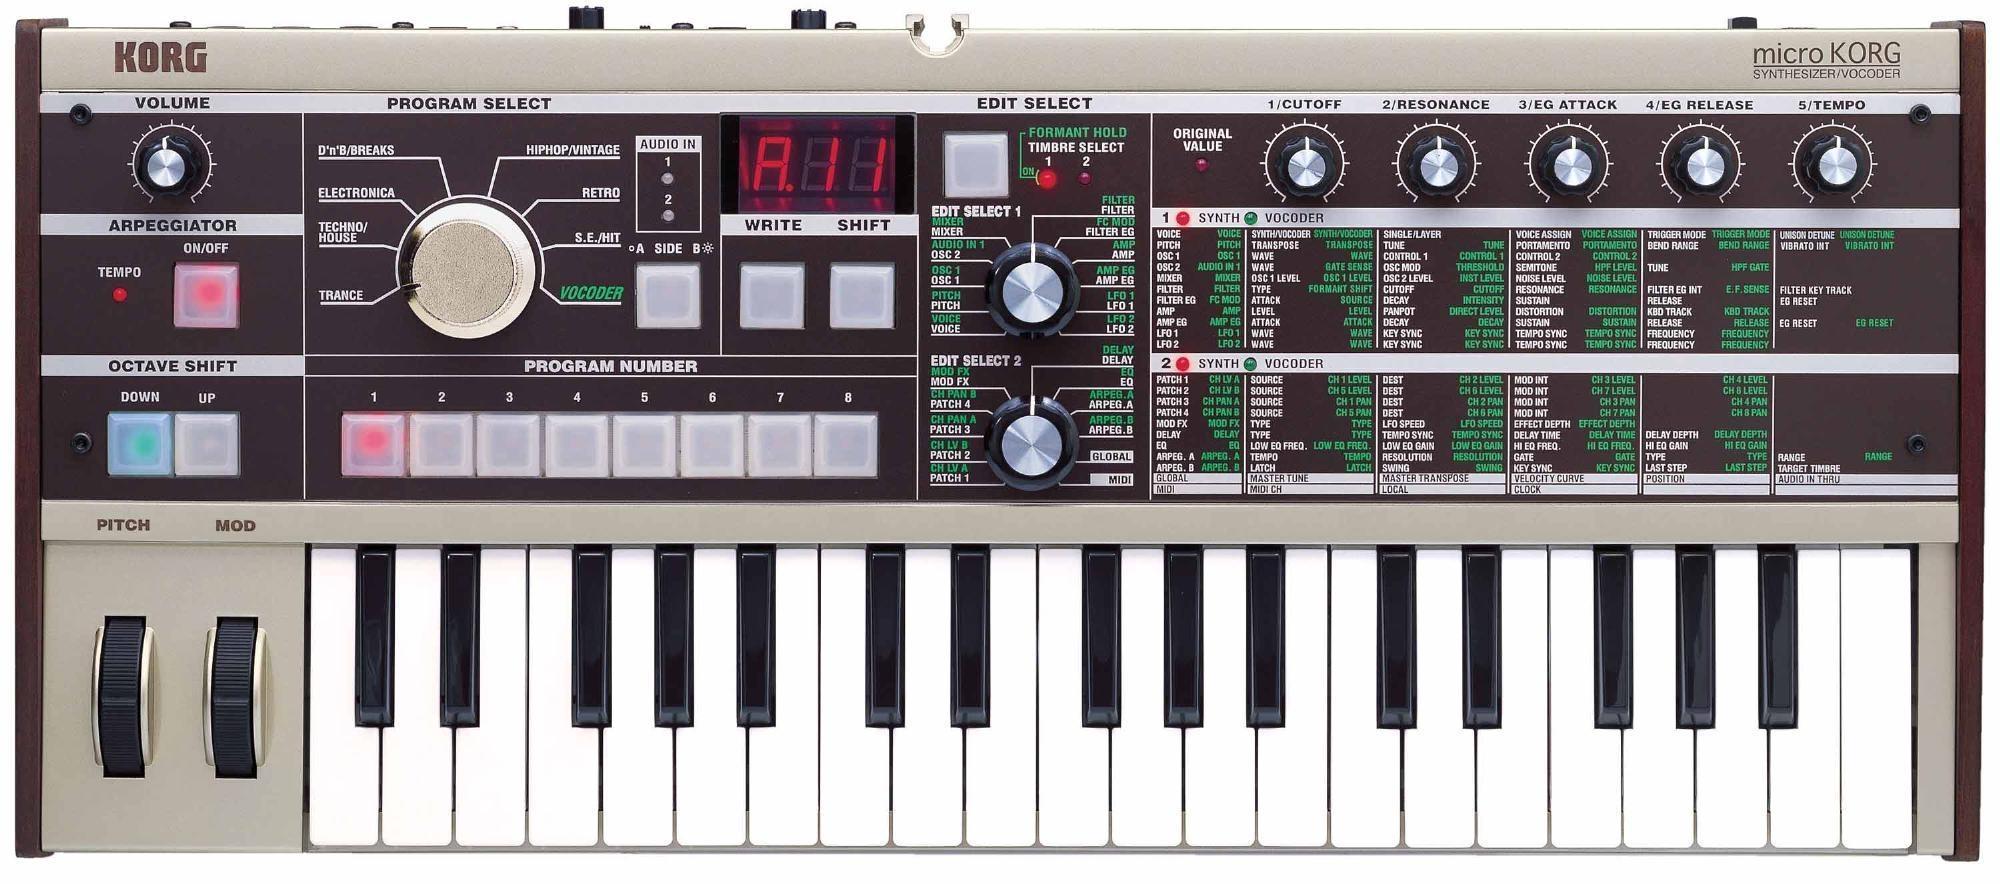 Korg microKORG Synthesizer with Vocoder - Synthesizer